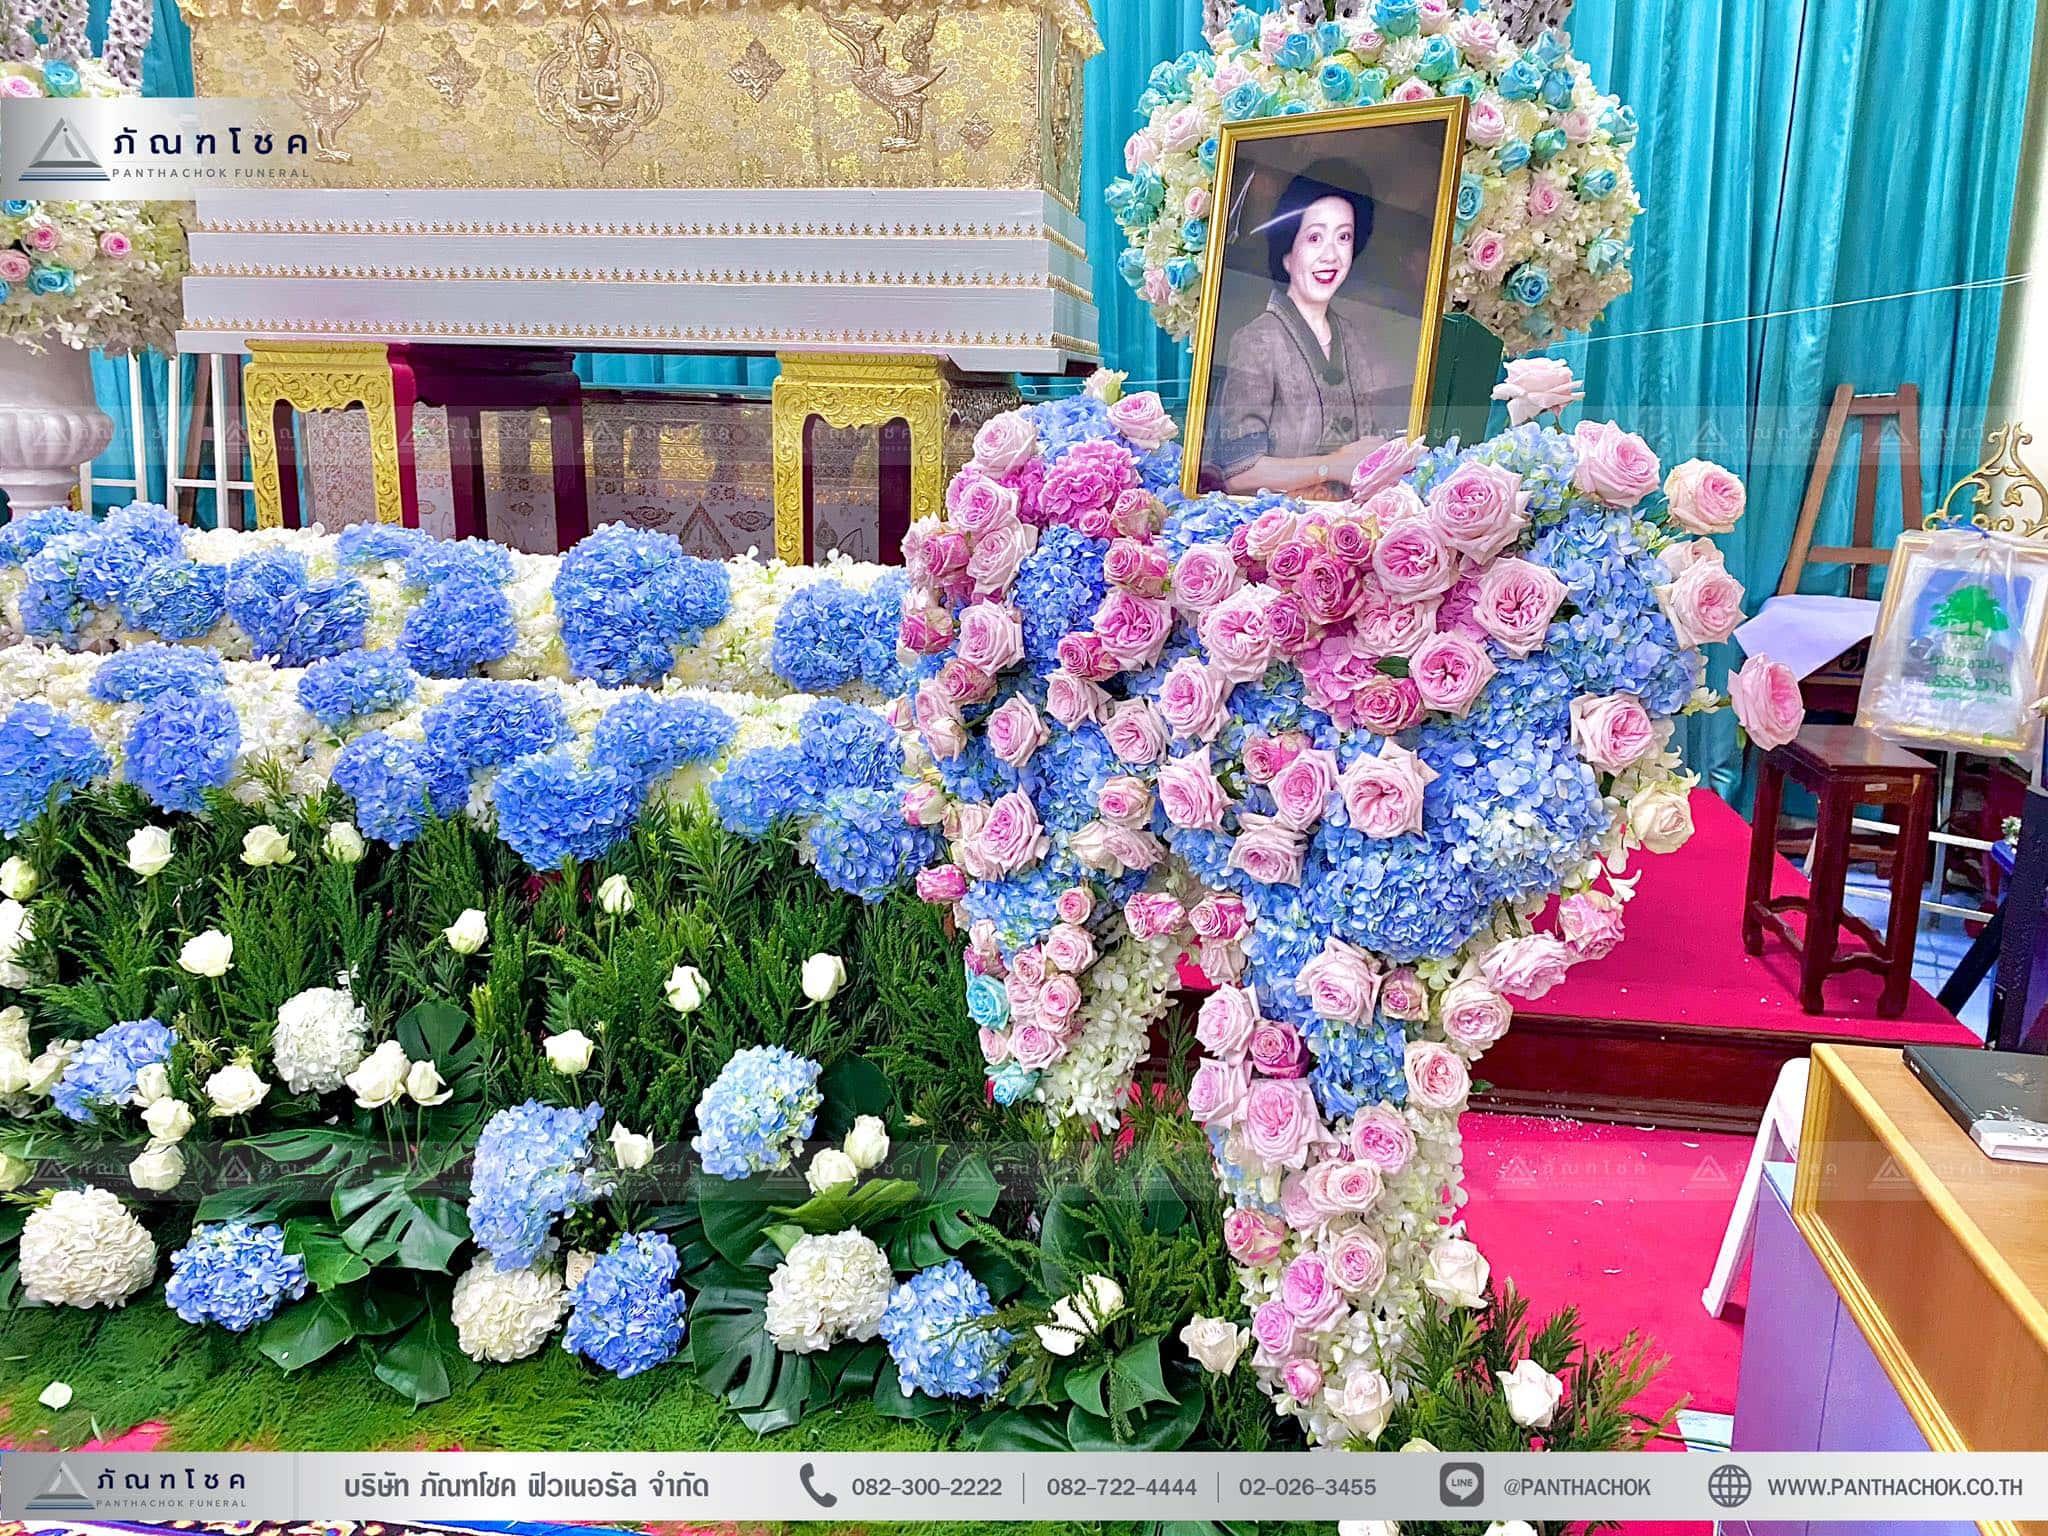 ดอกไม้งานศพสไตล์โมเดิร์น ณ วัดบัวขวัญพระอารามหลวง จ.นนทบุรี 7